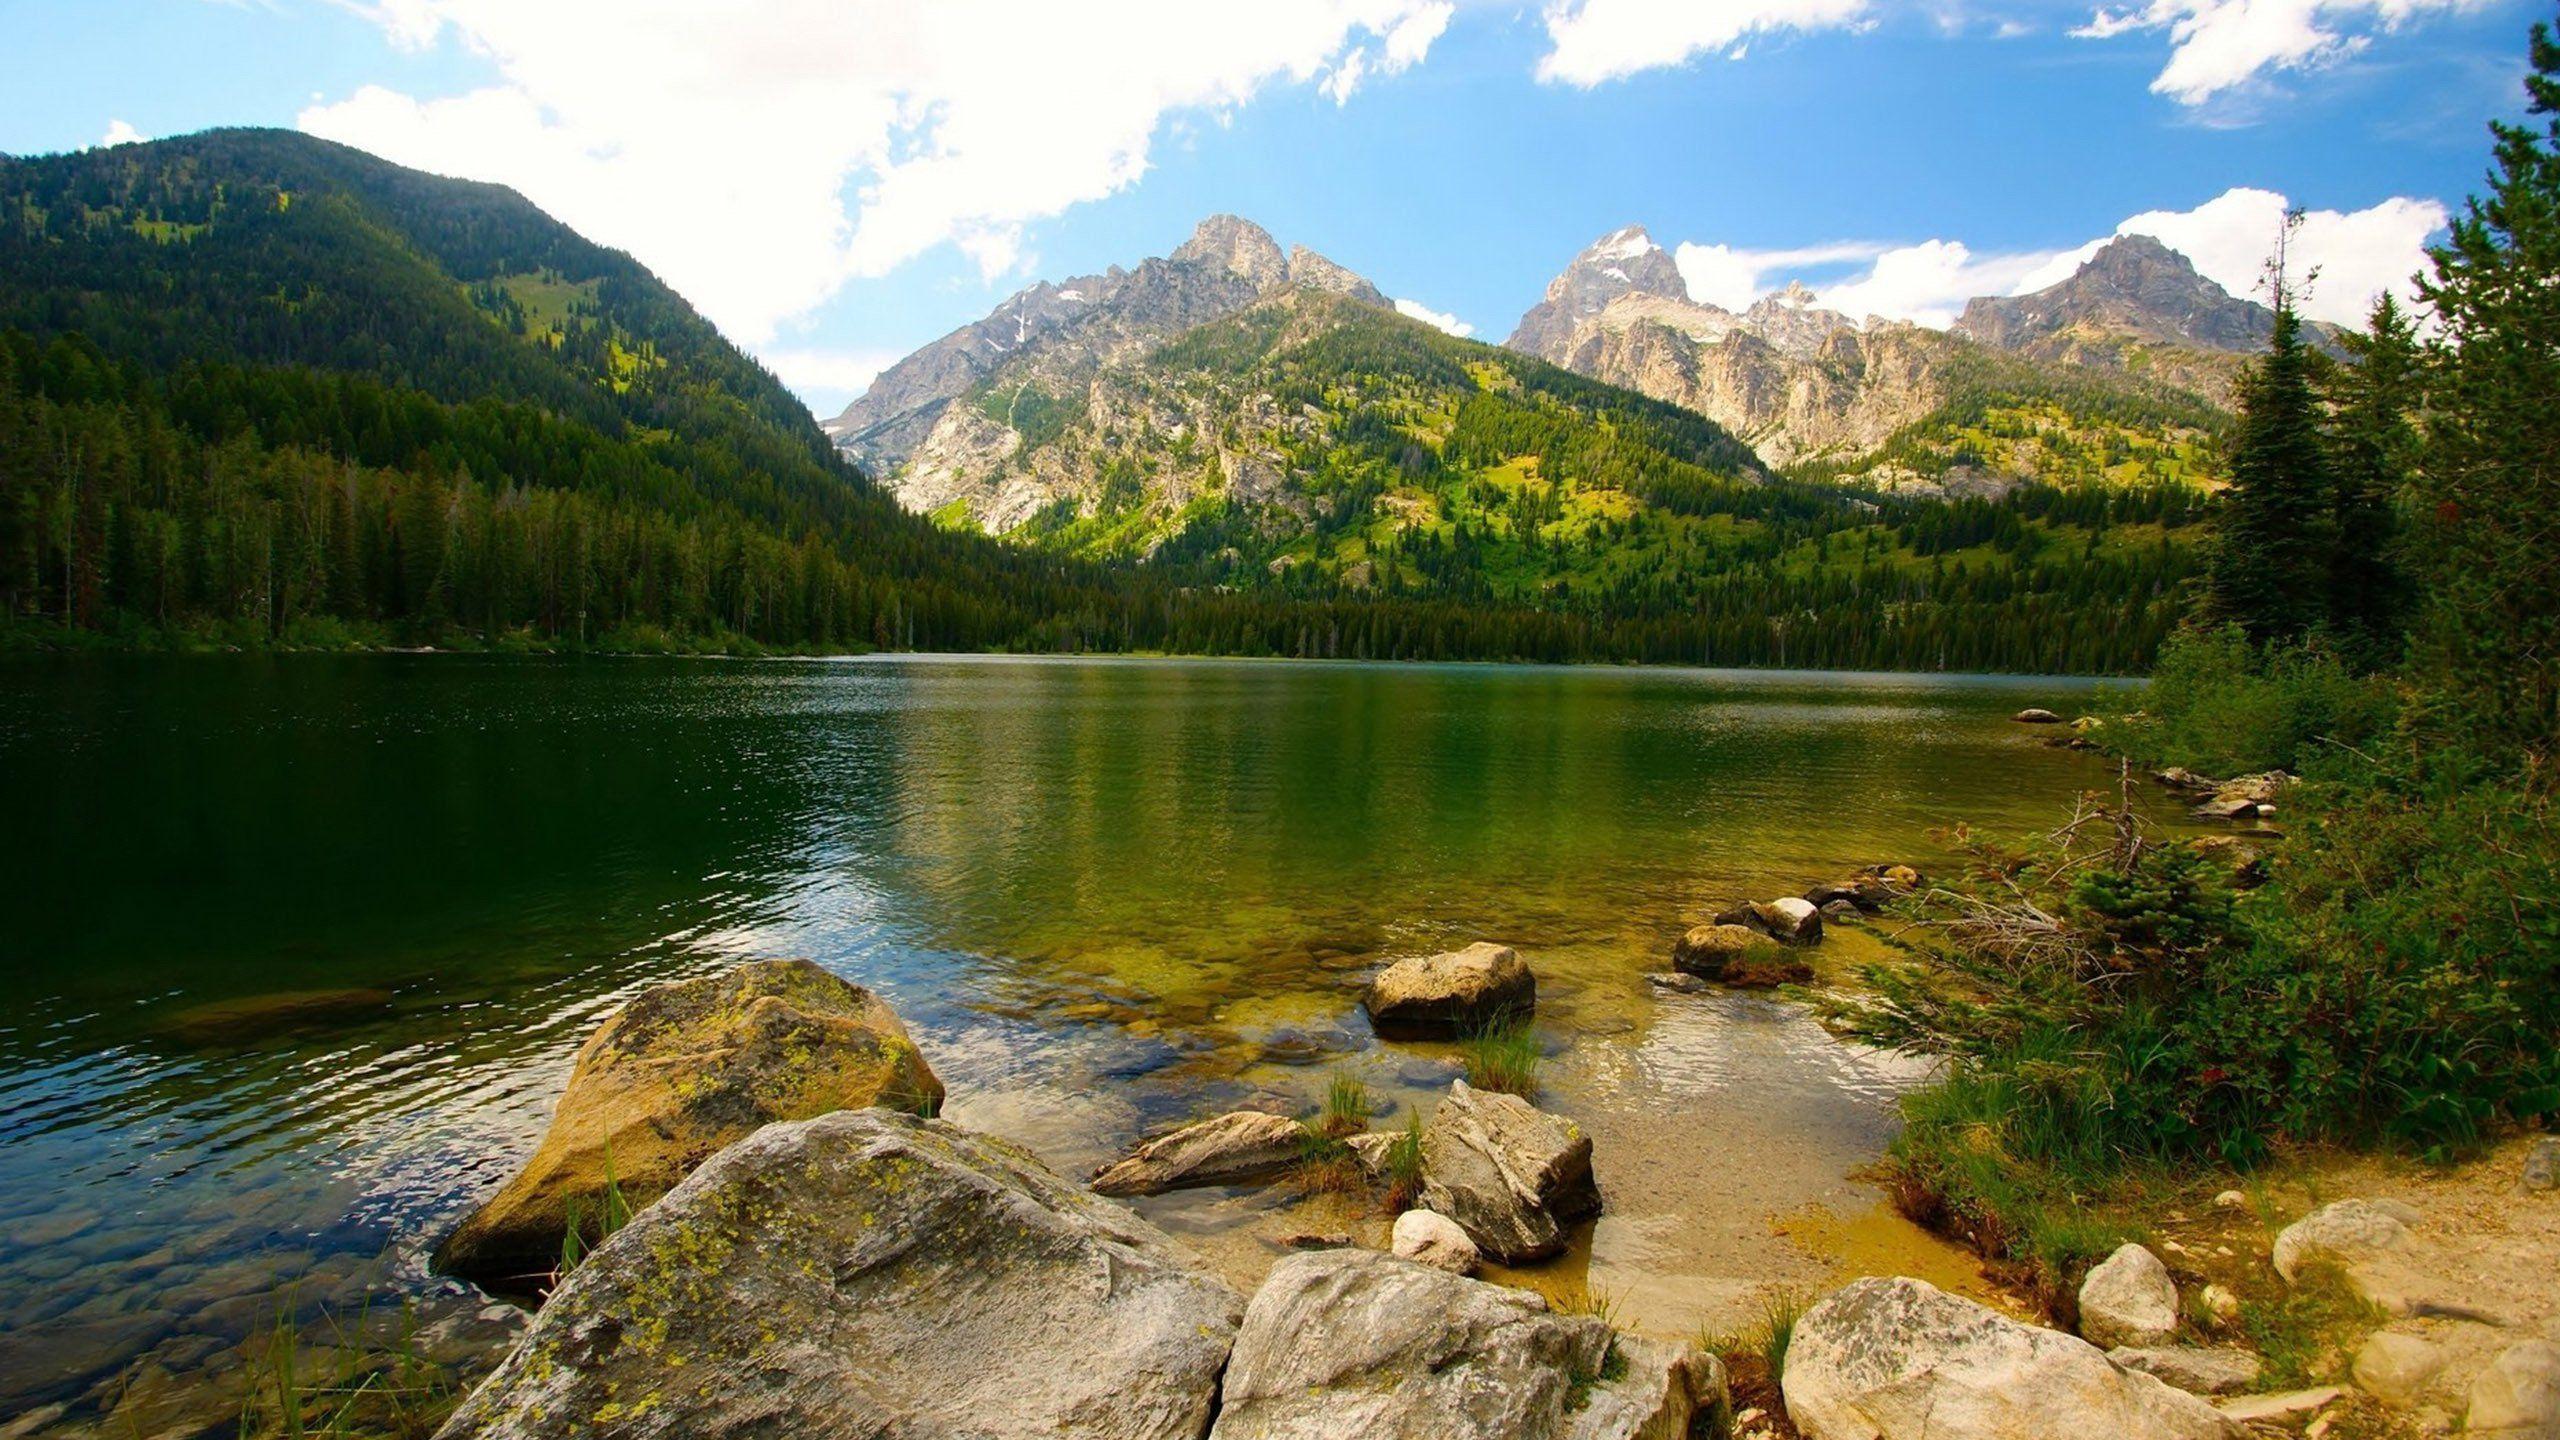 20 fondos de pantalla de paisajes naturales en hd for Paisajes para fondo de pantalla